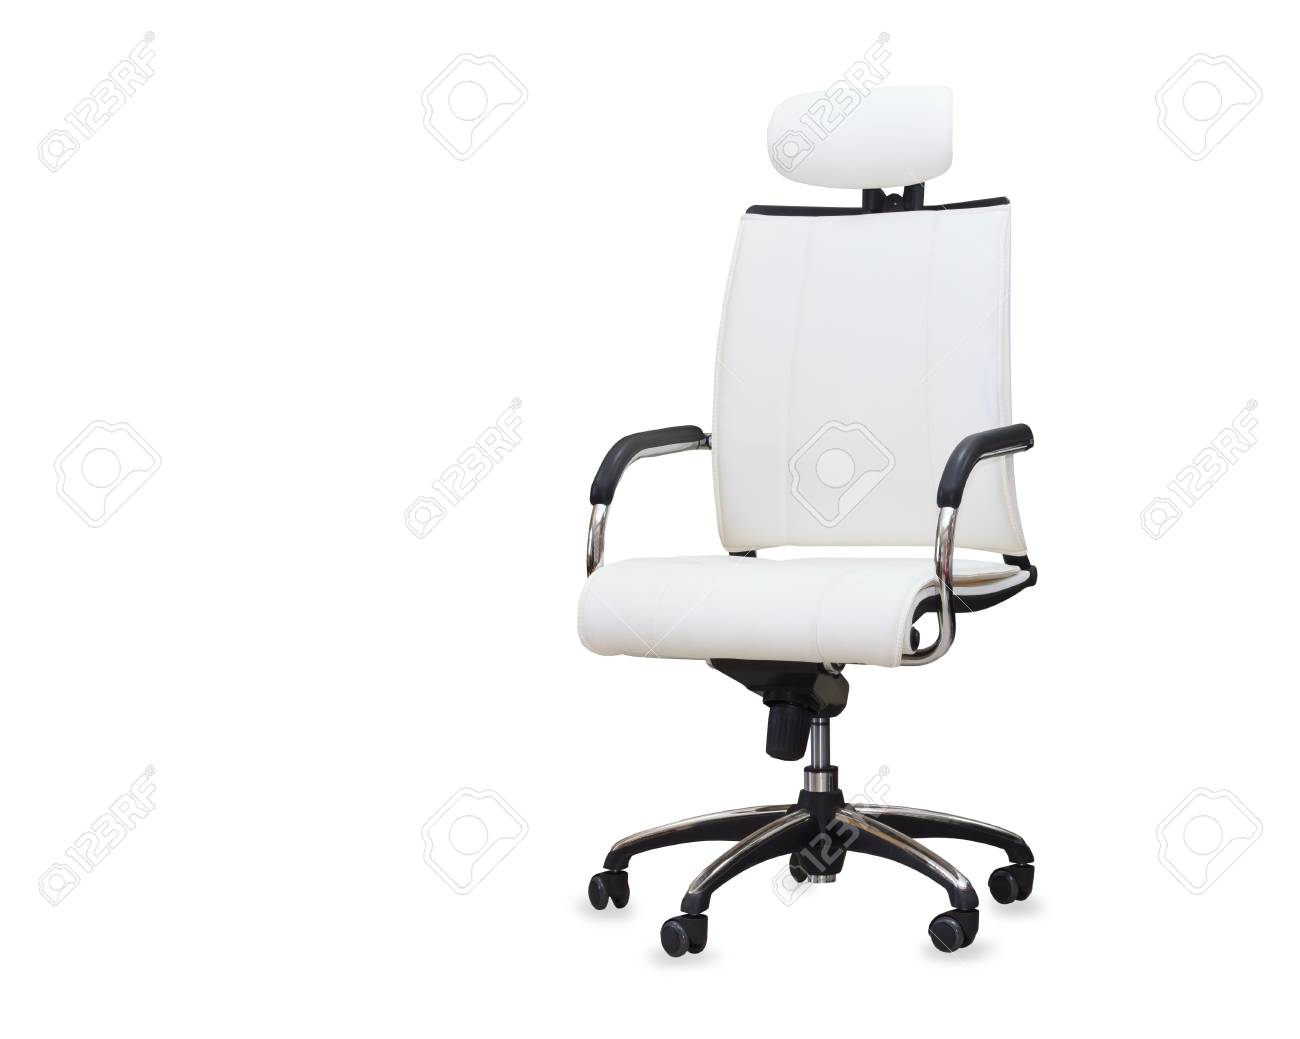 Moderna sedia da ufficio in pelle bianca isolato foto royalty